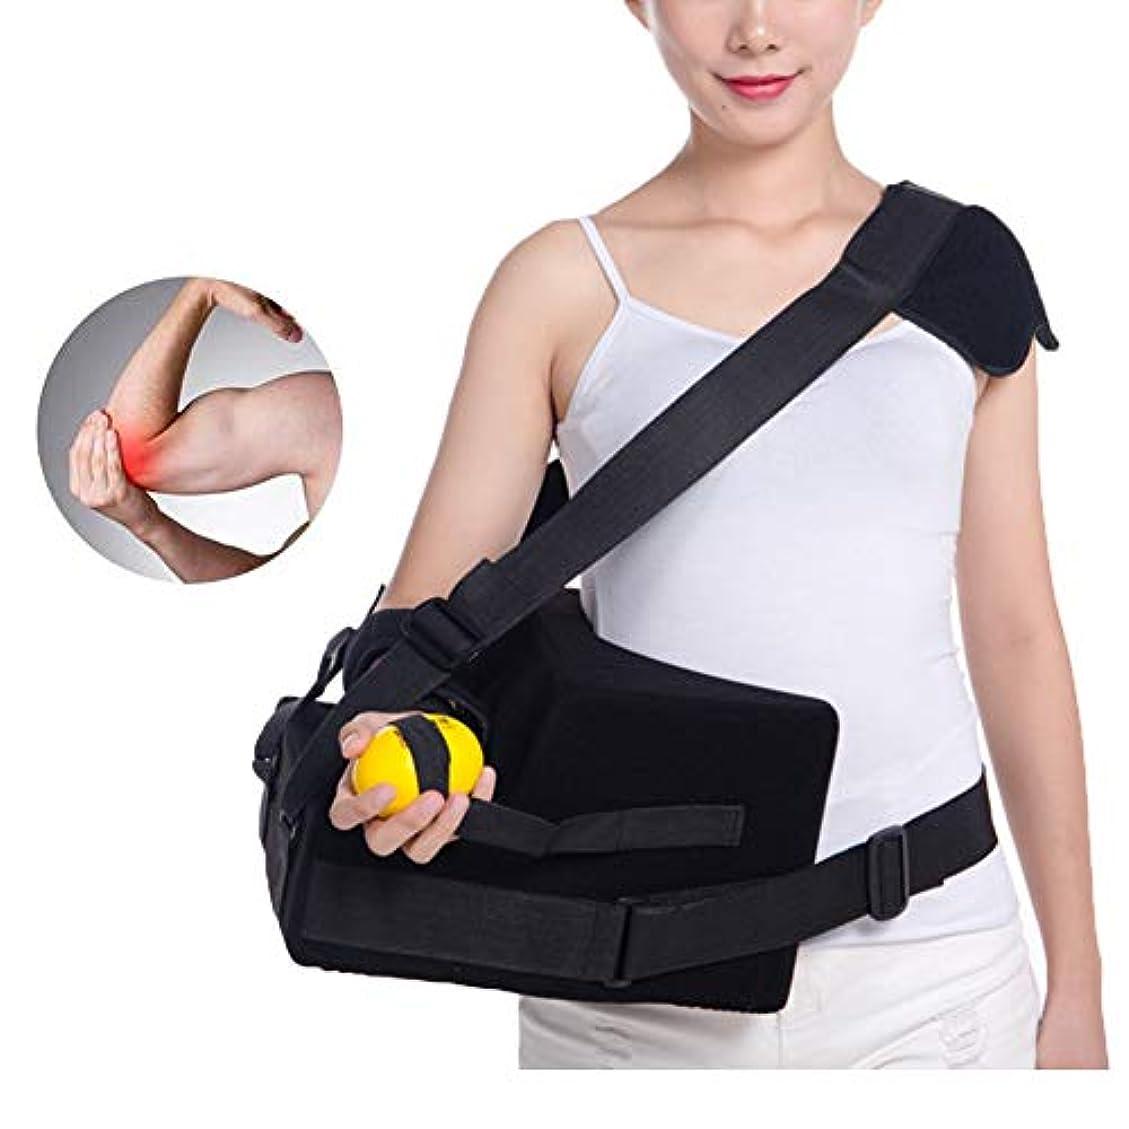 腕のスリングの肘サポートブレース肩外転ベルト骨折、腕の骨折、手首、肘、肩のけがの軽減とサポート、ワンサイズ - ユニセックス